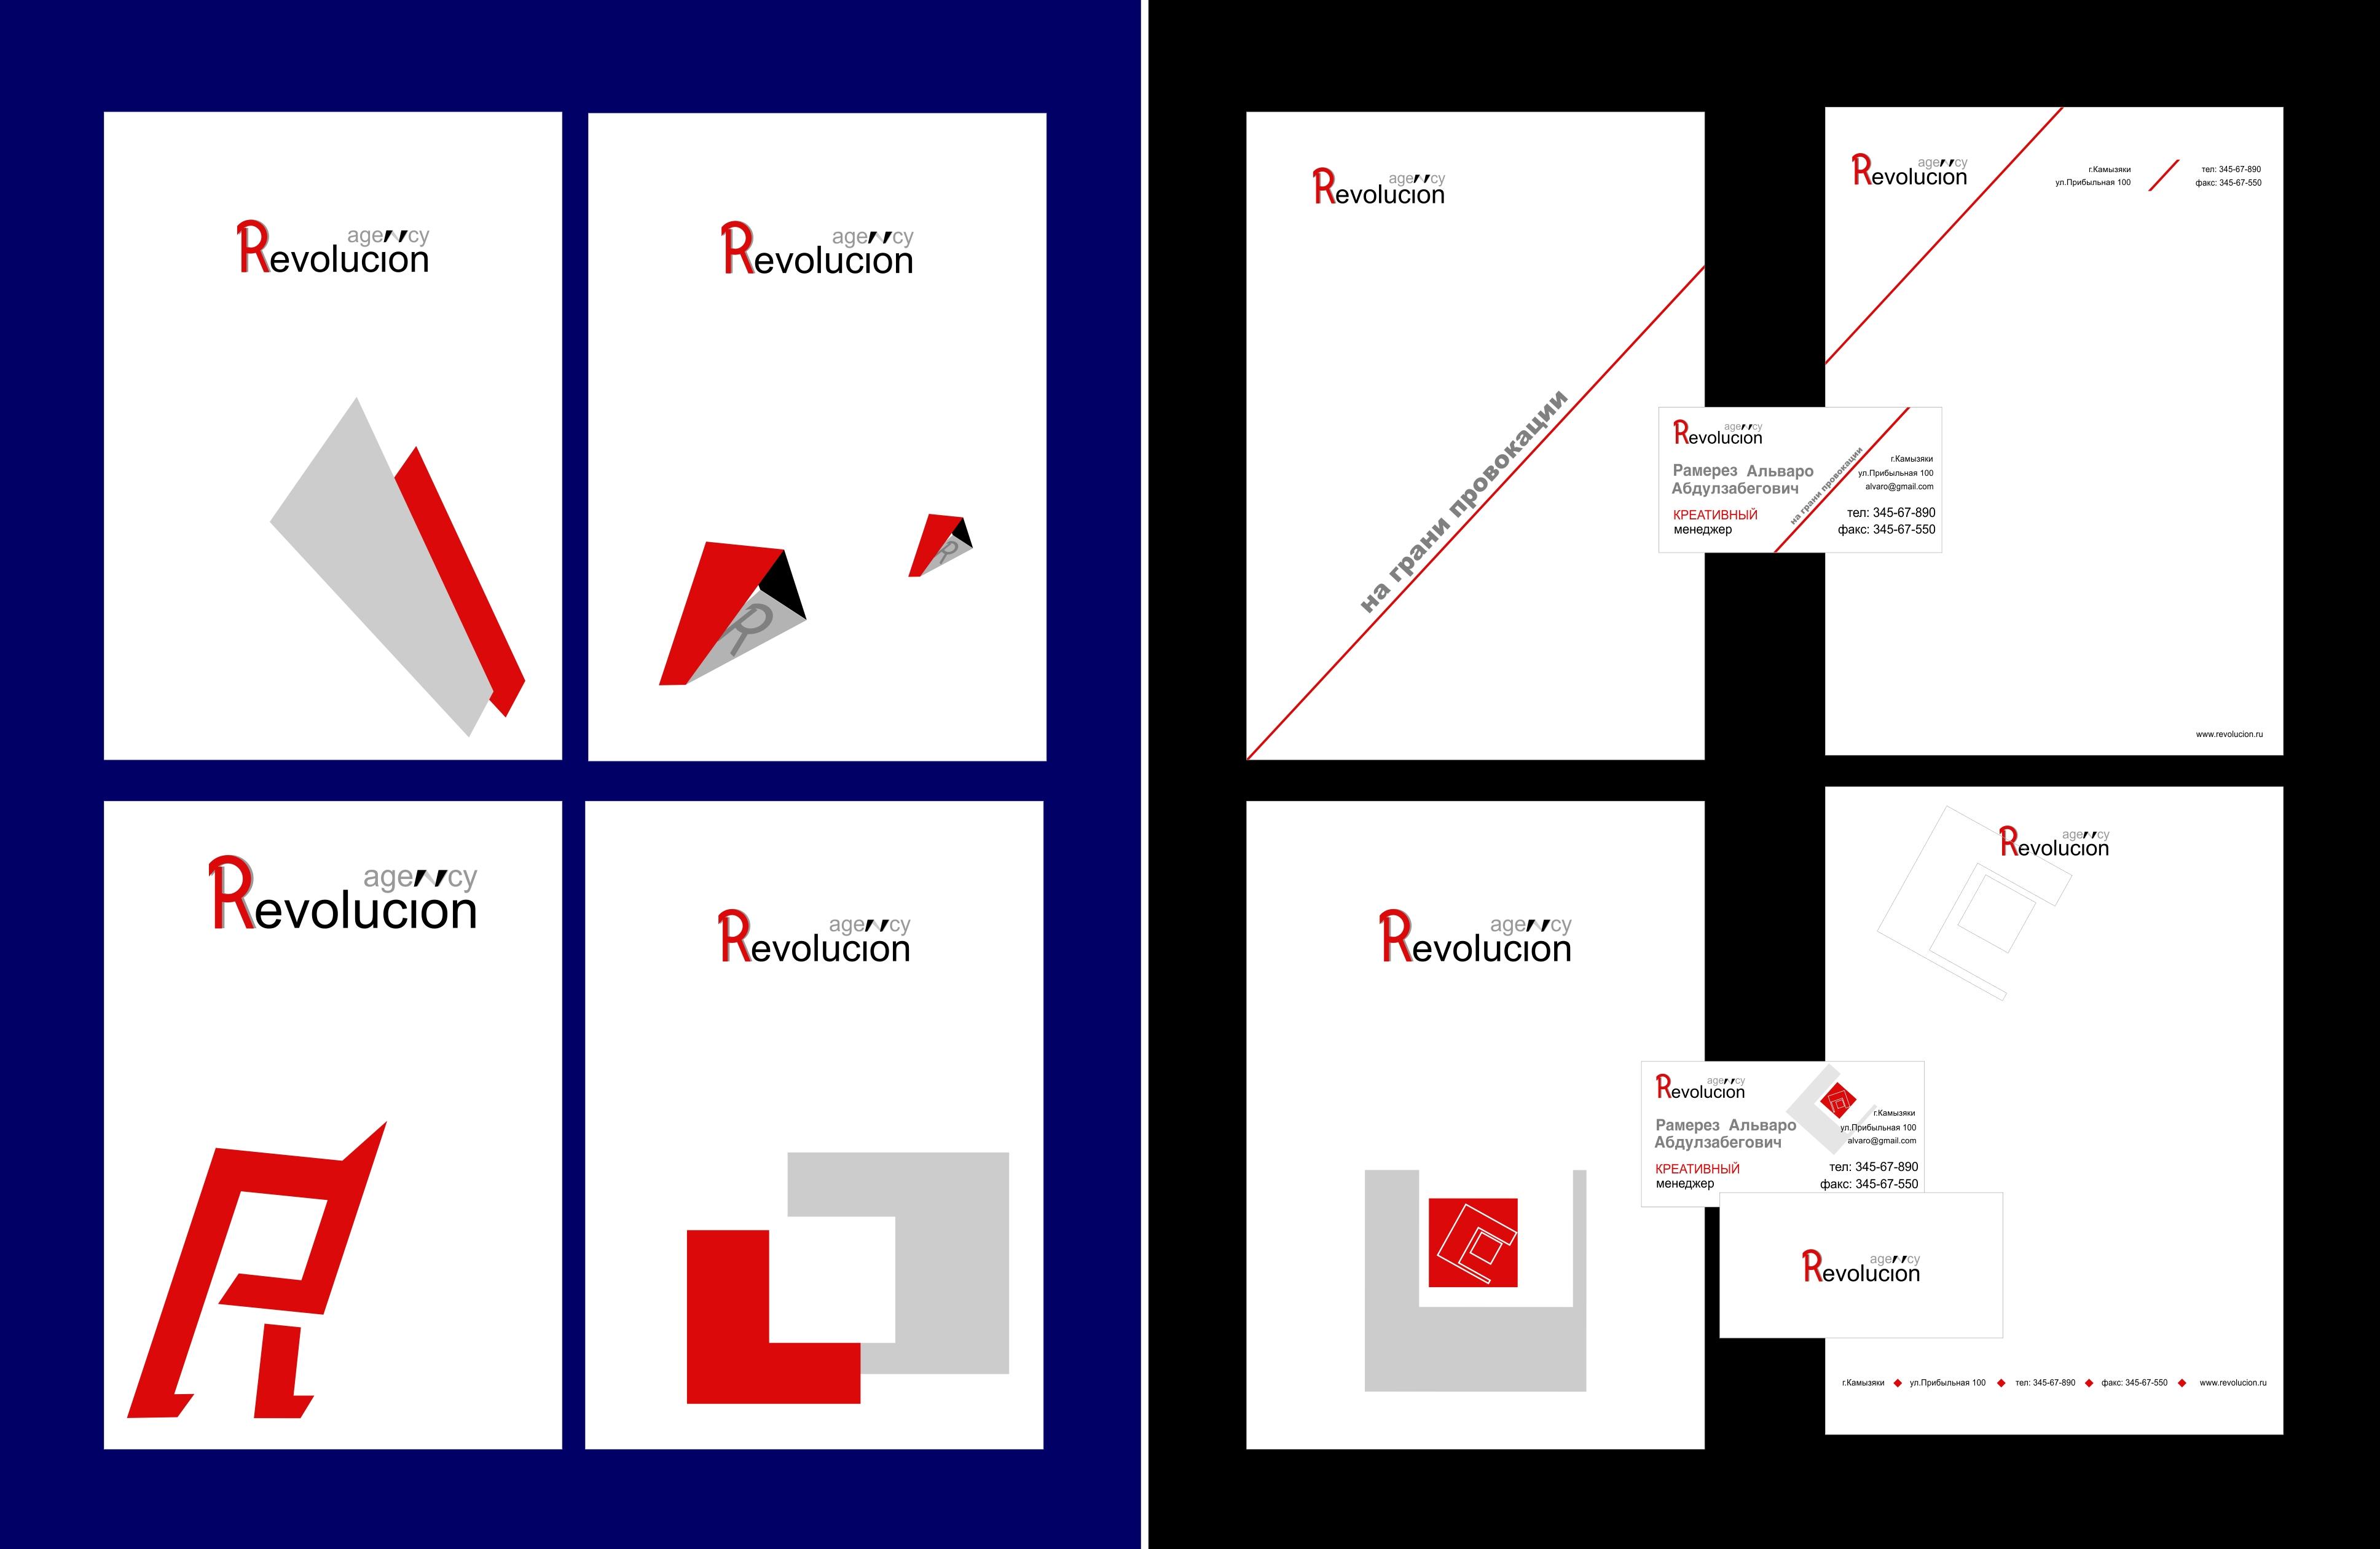 Разработка логотипа и фир. стиля агенству Revolución фото f_4fb95cf402e0b.jpg